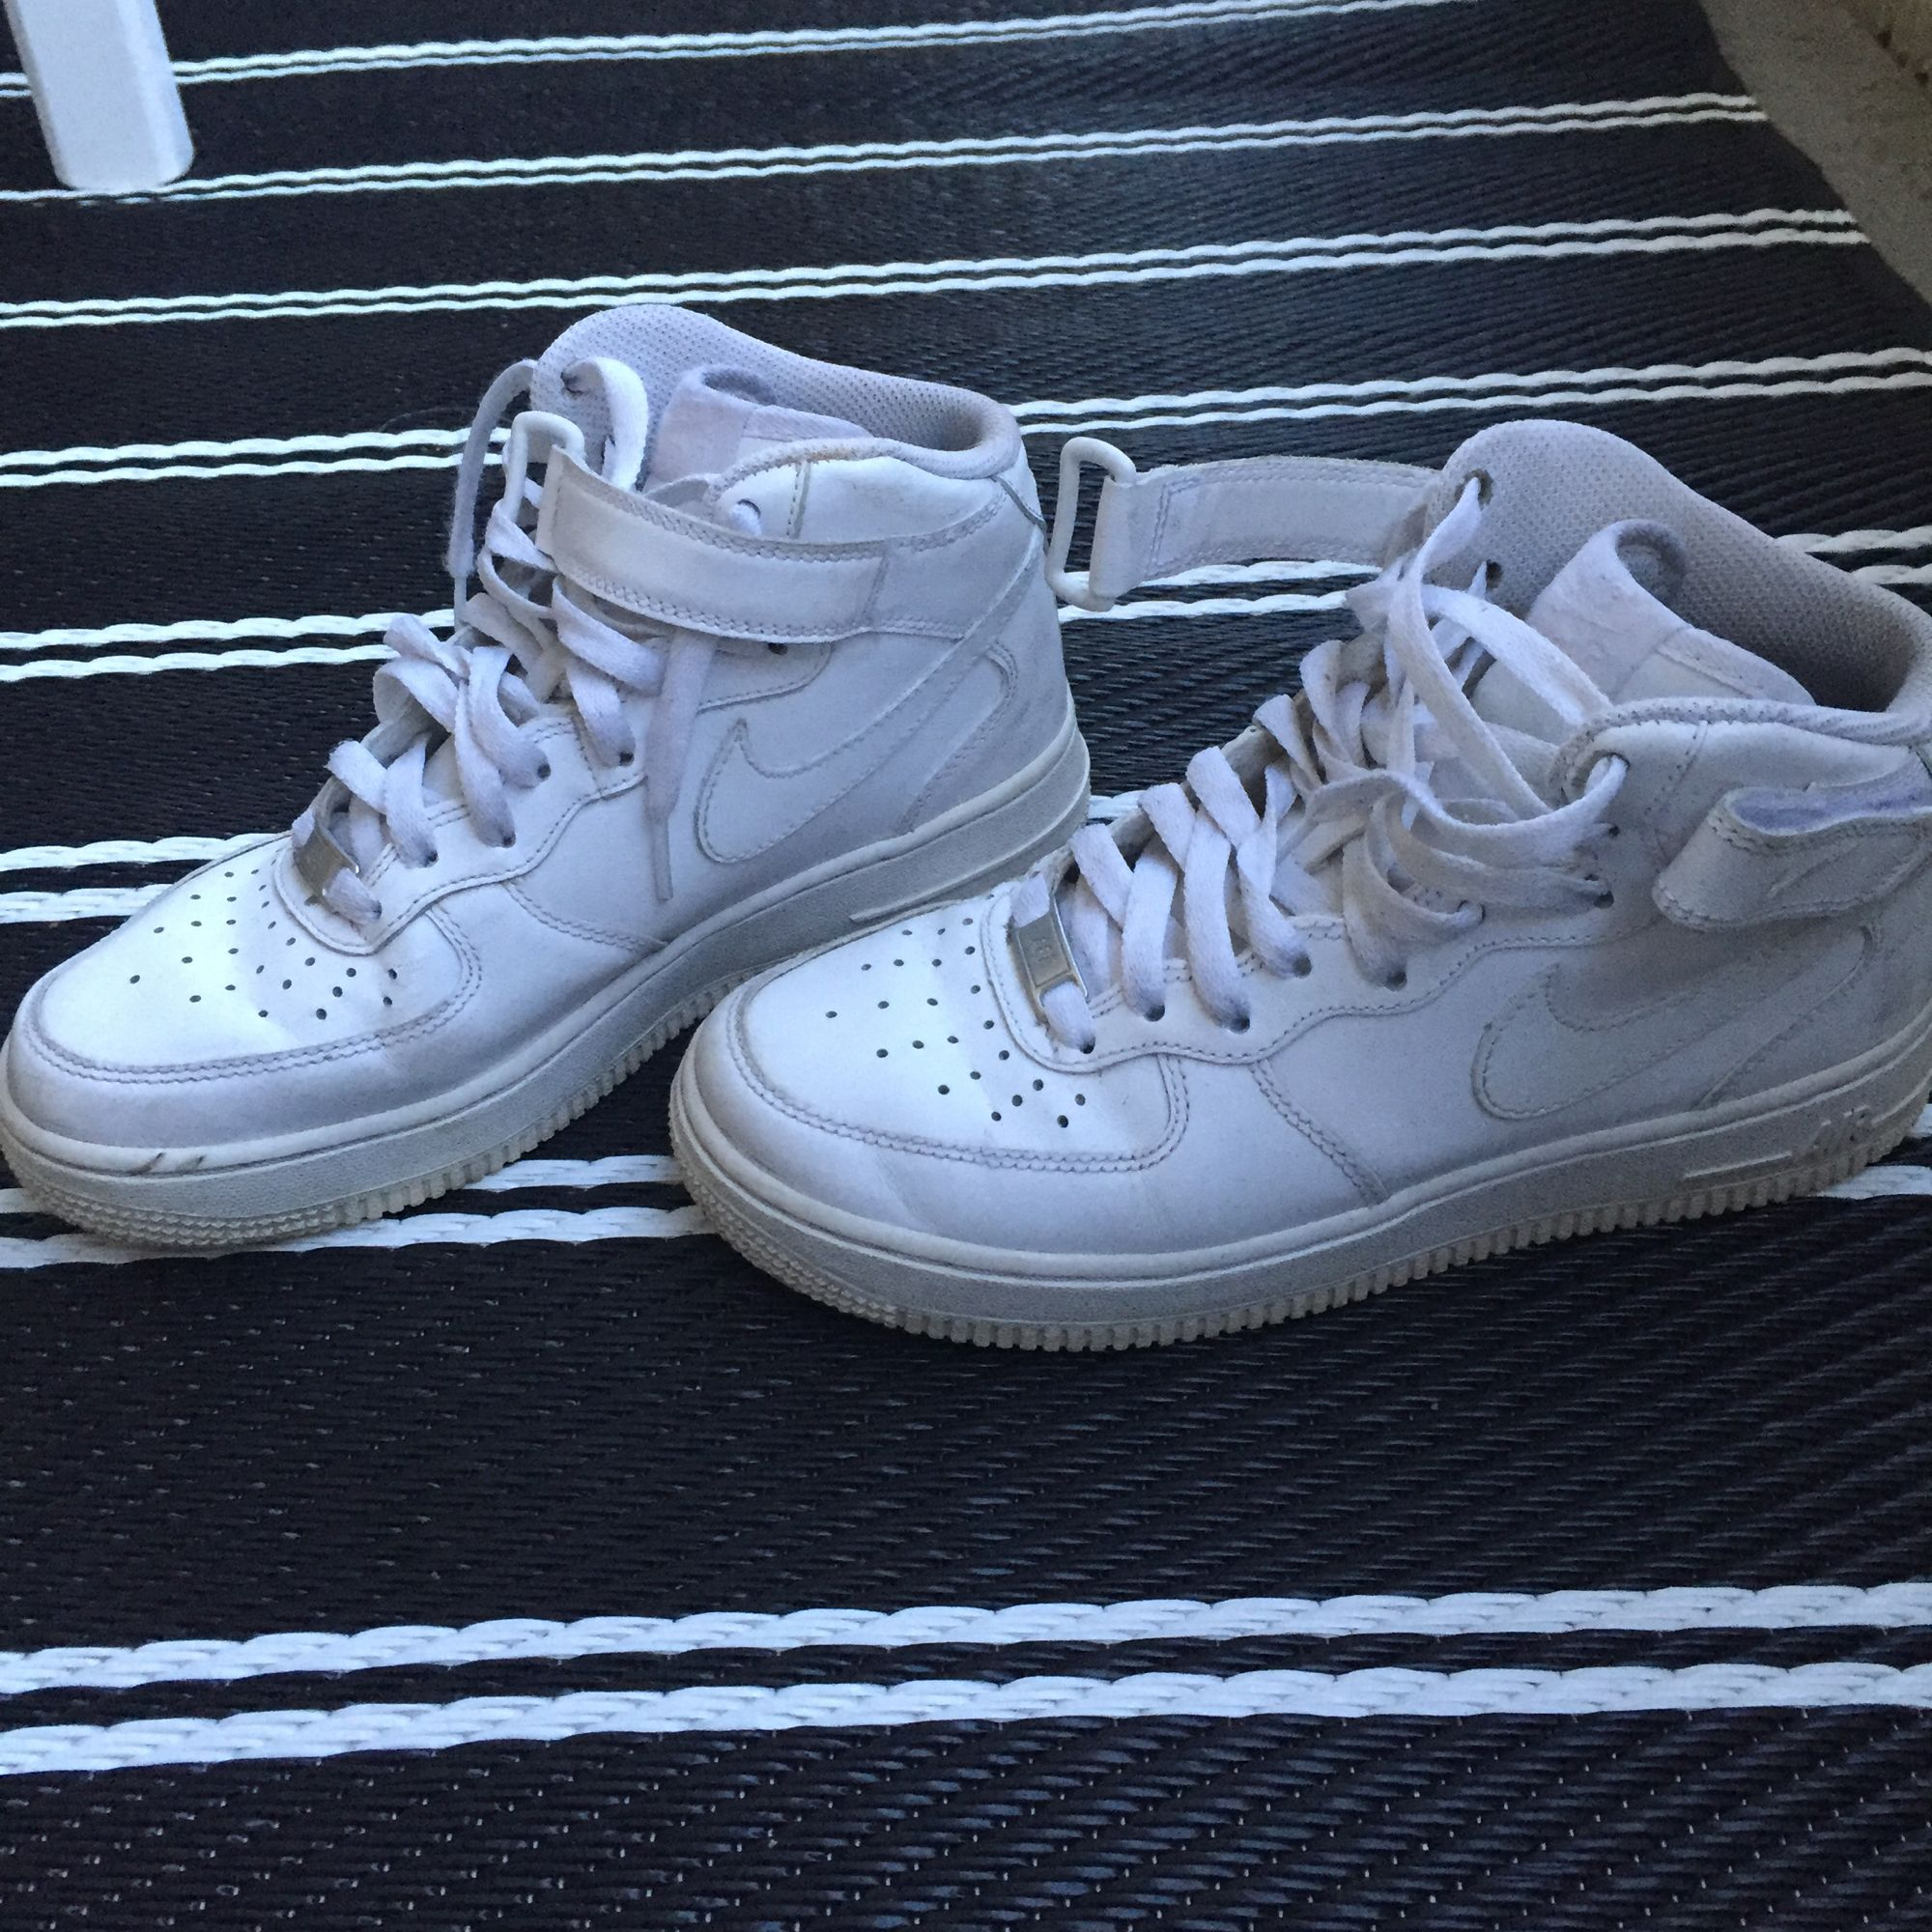 d1c0a6b093f ... använda Vita Nike air max 1 höga, säljer pågrund av att de blivit  försmå, använda